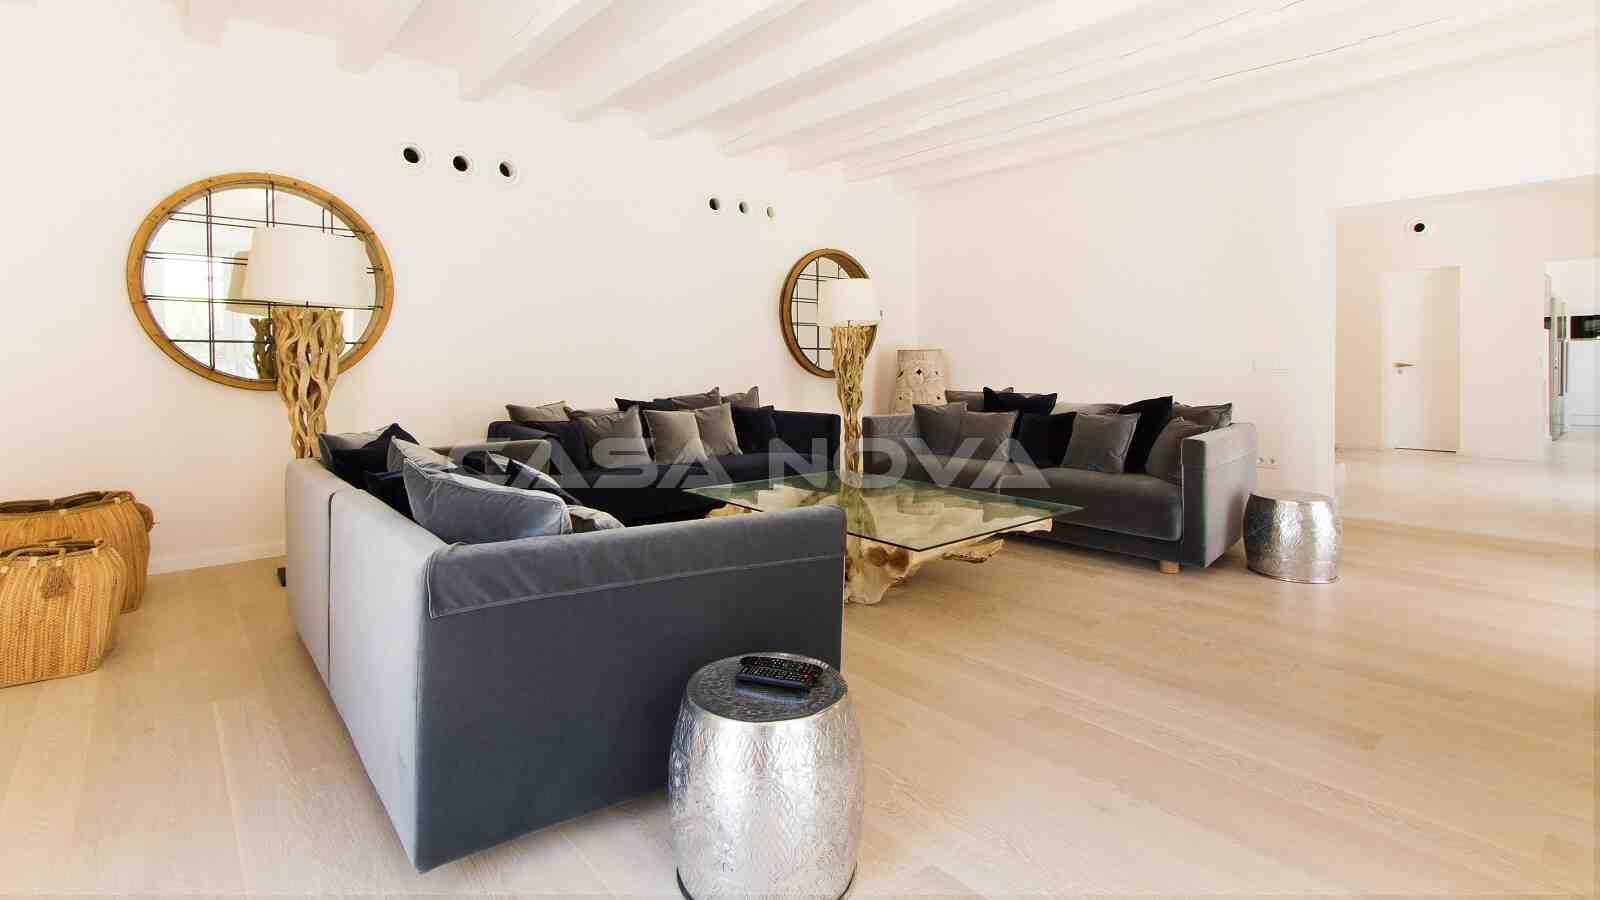 Ref. 2401735 - Großzügiges Wohnzimmer mit Sofalounge- Bereich